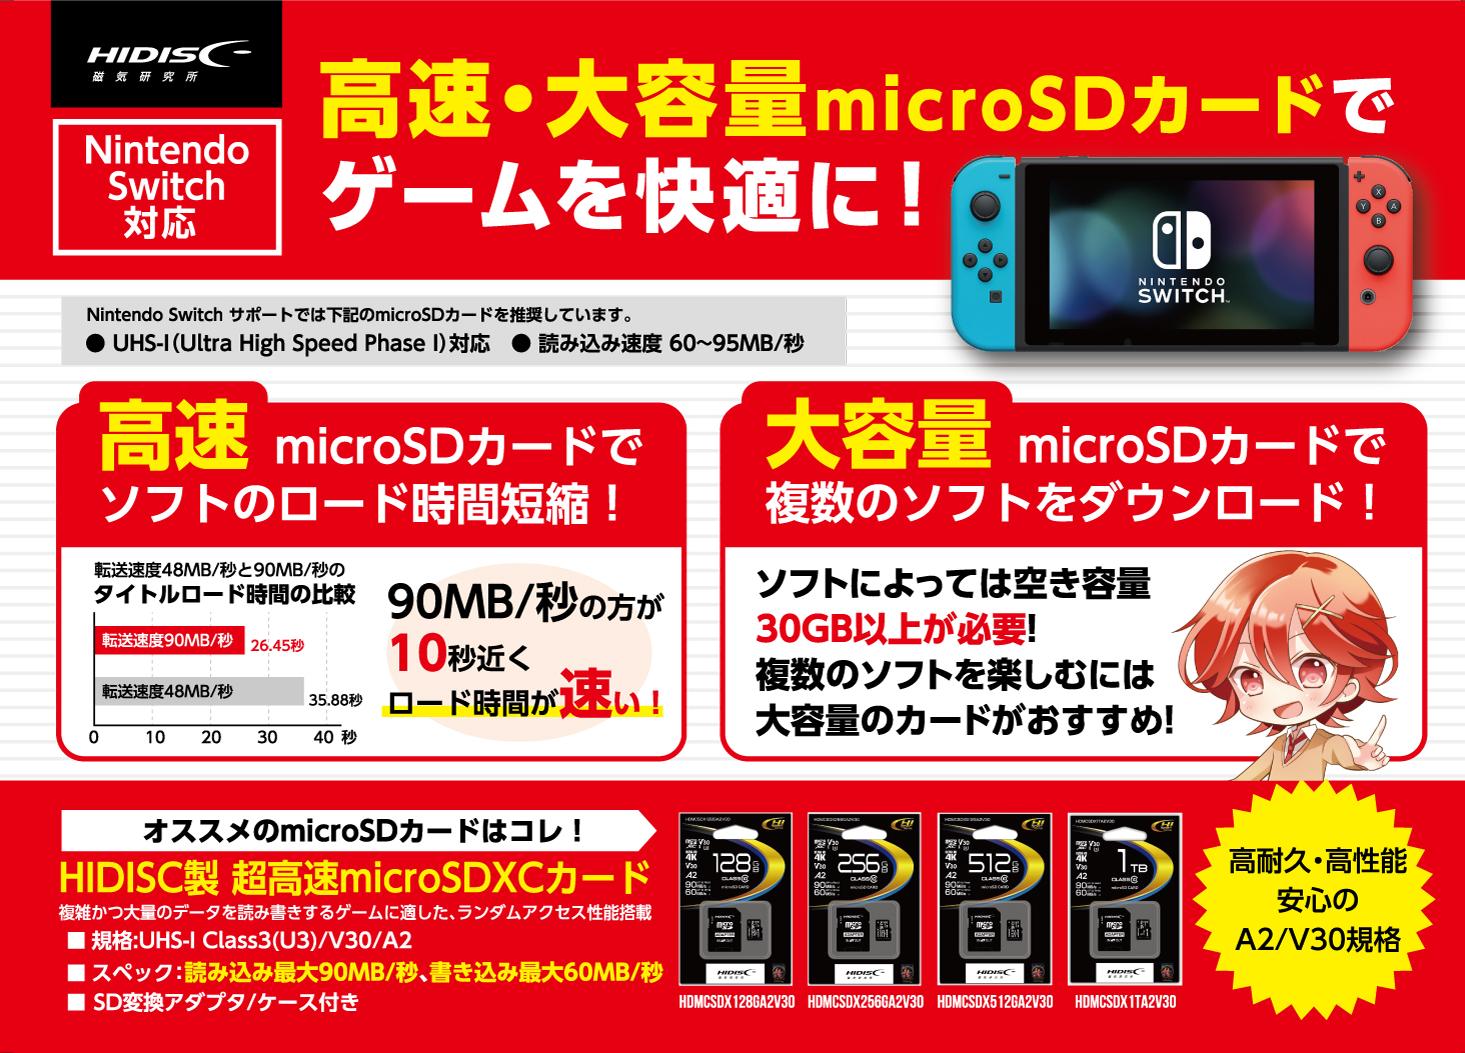 高速・大容量microSDカードでゲームを快適に!